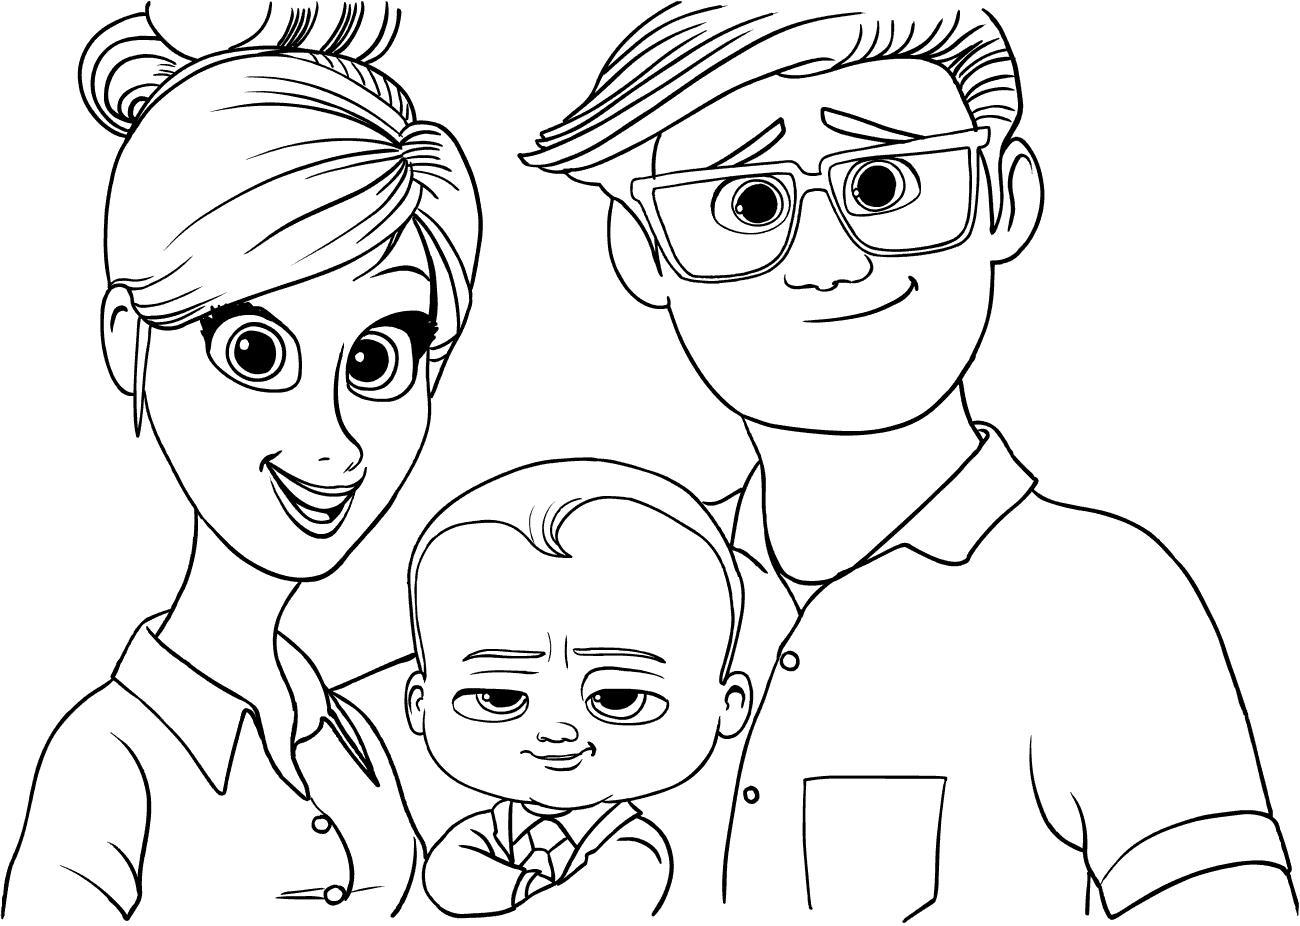 Босс-молокосос рисунок 3